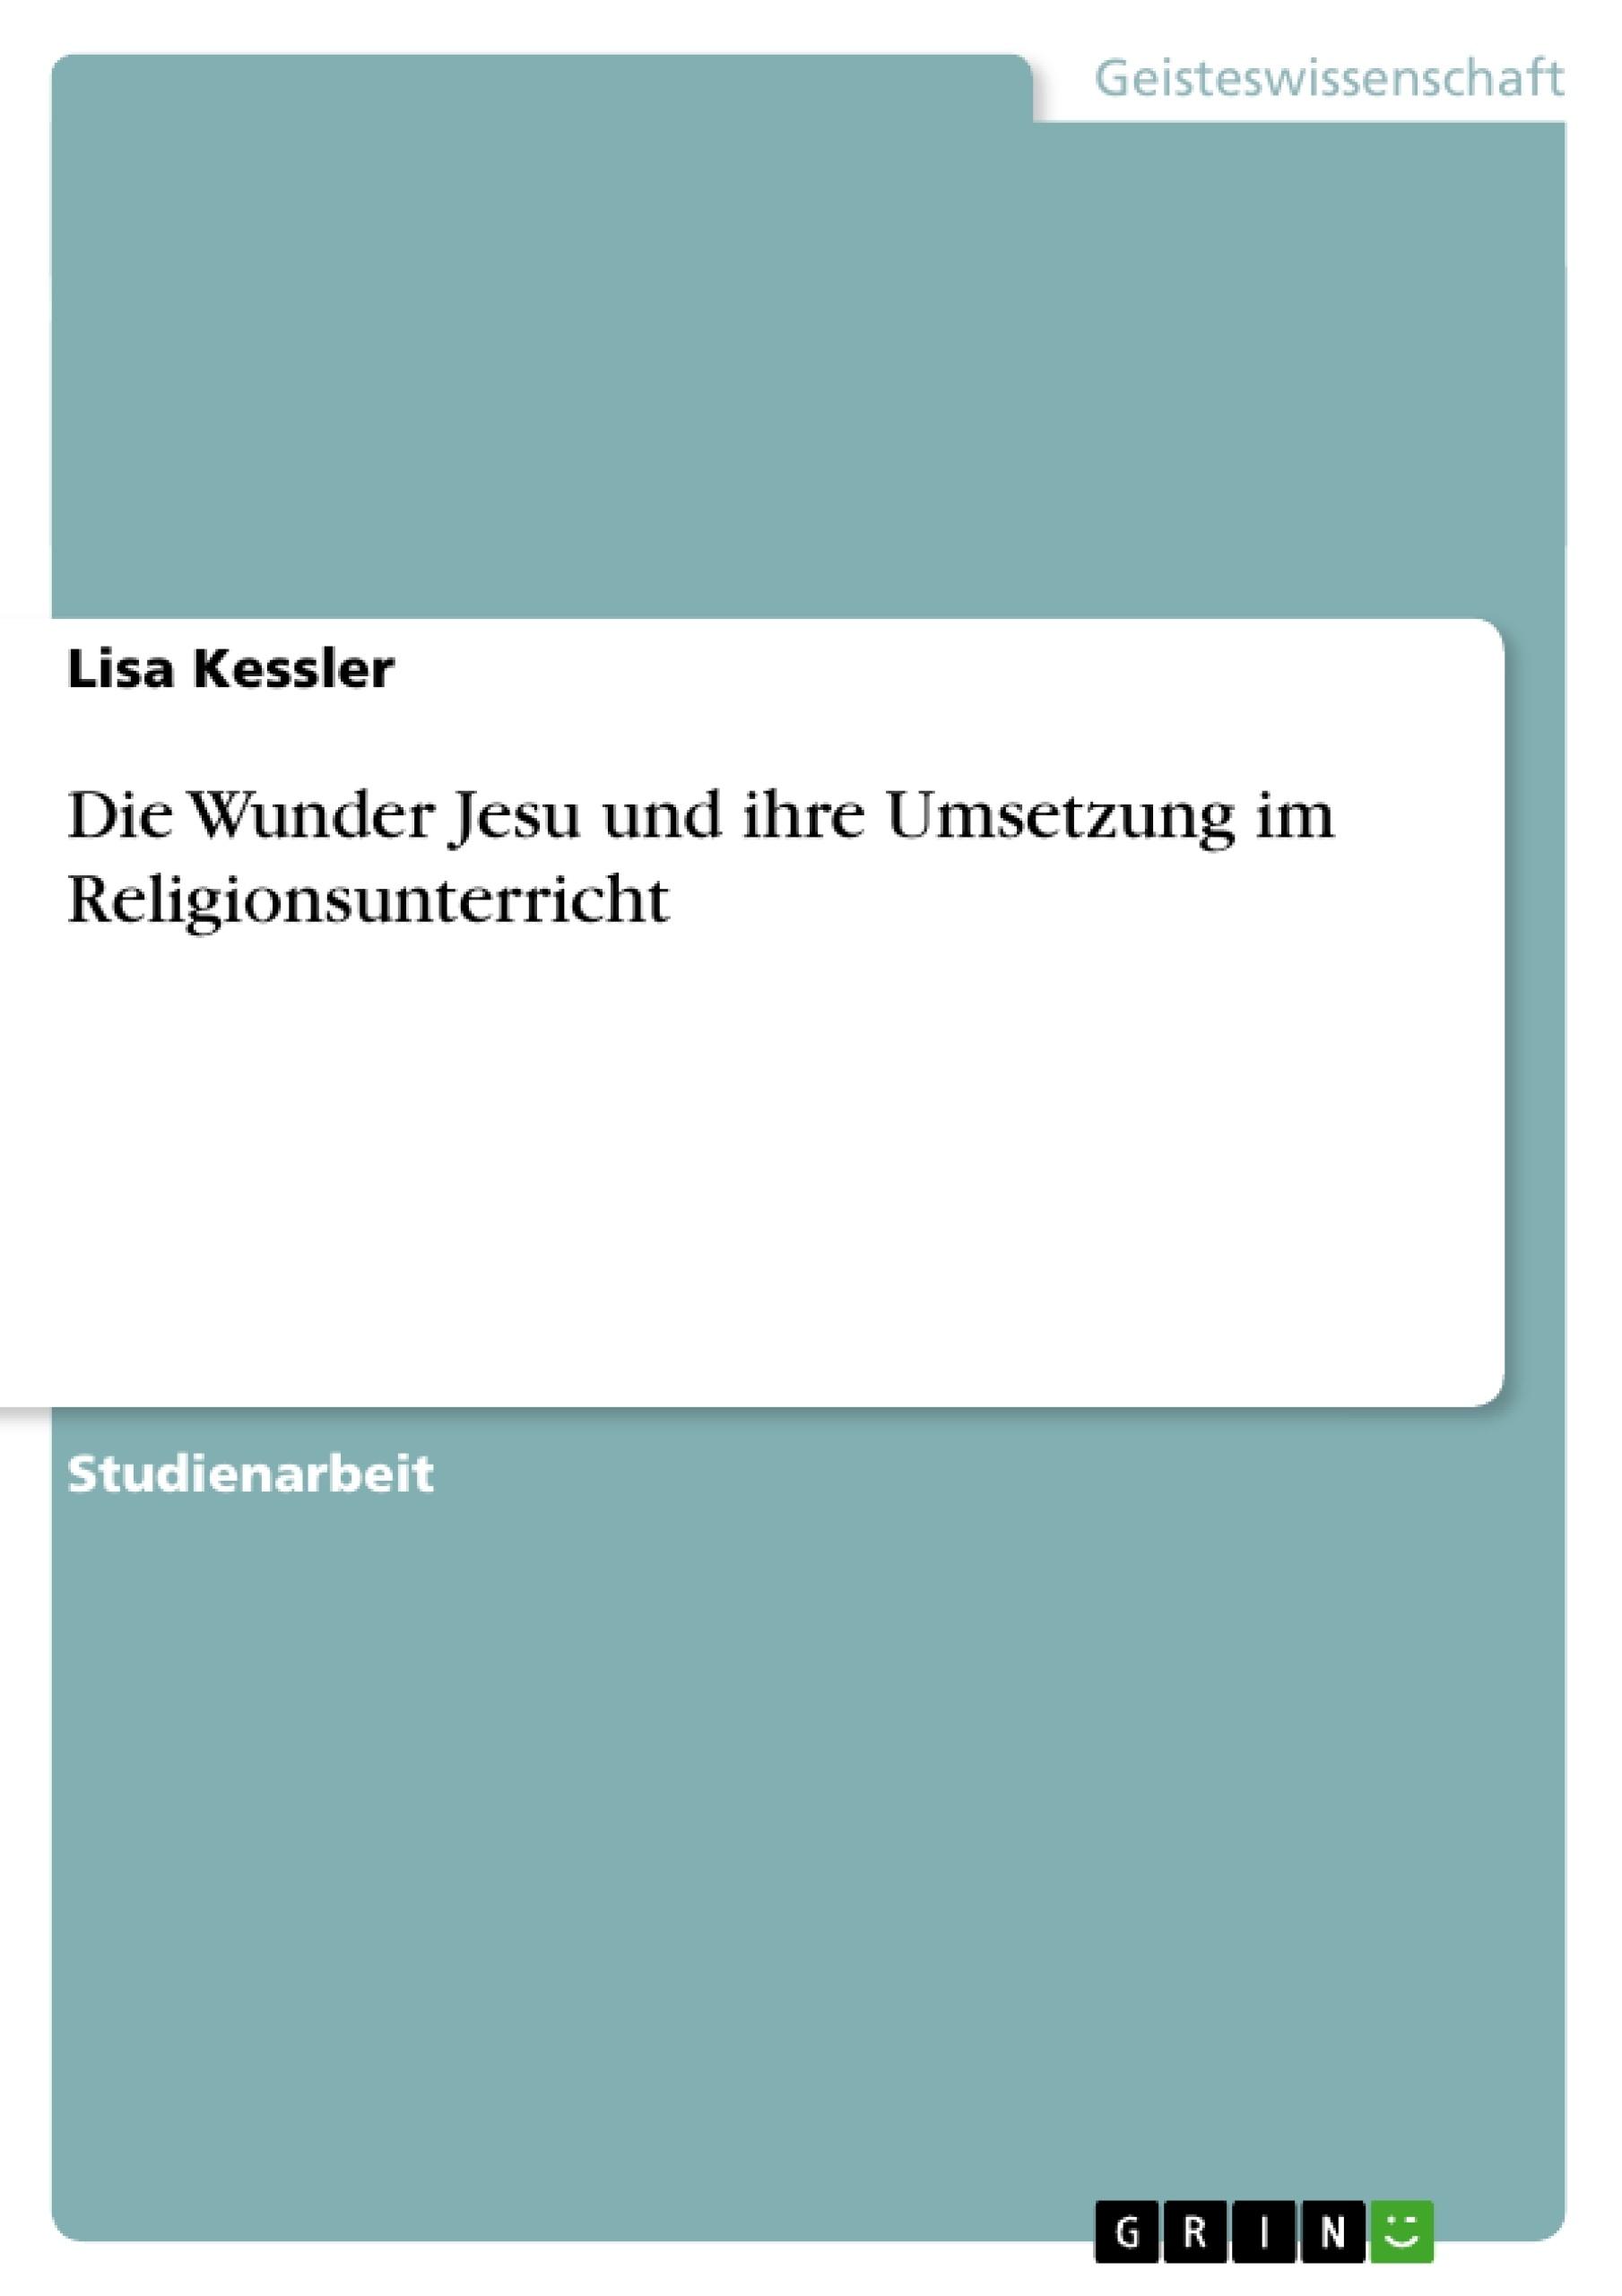 Titel: Die Wunder Jesu und ihre Umsetzung im Religionsunterricht